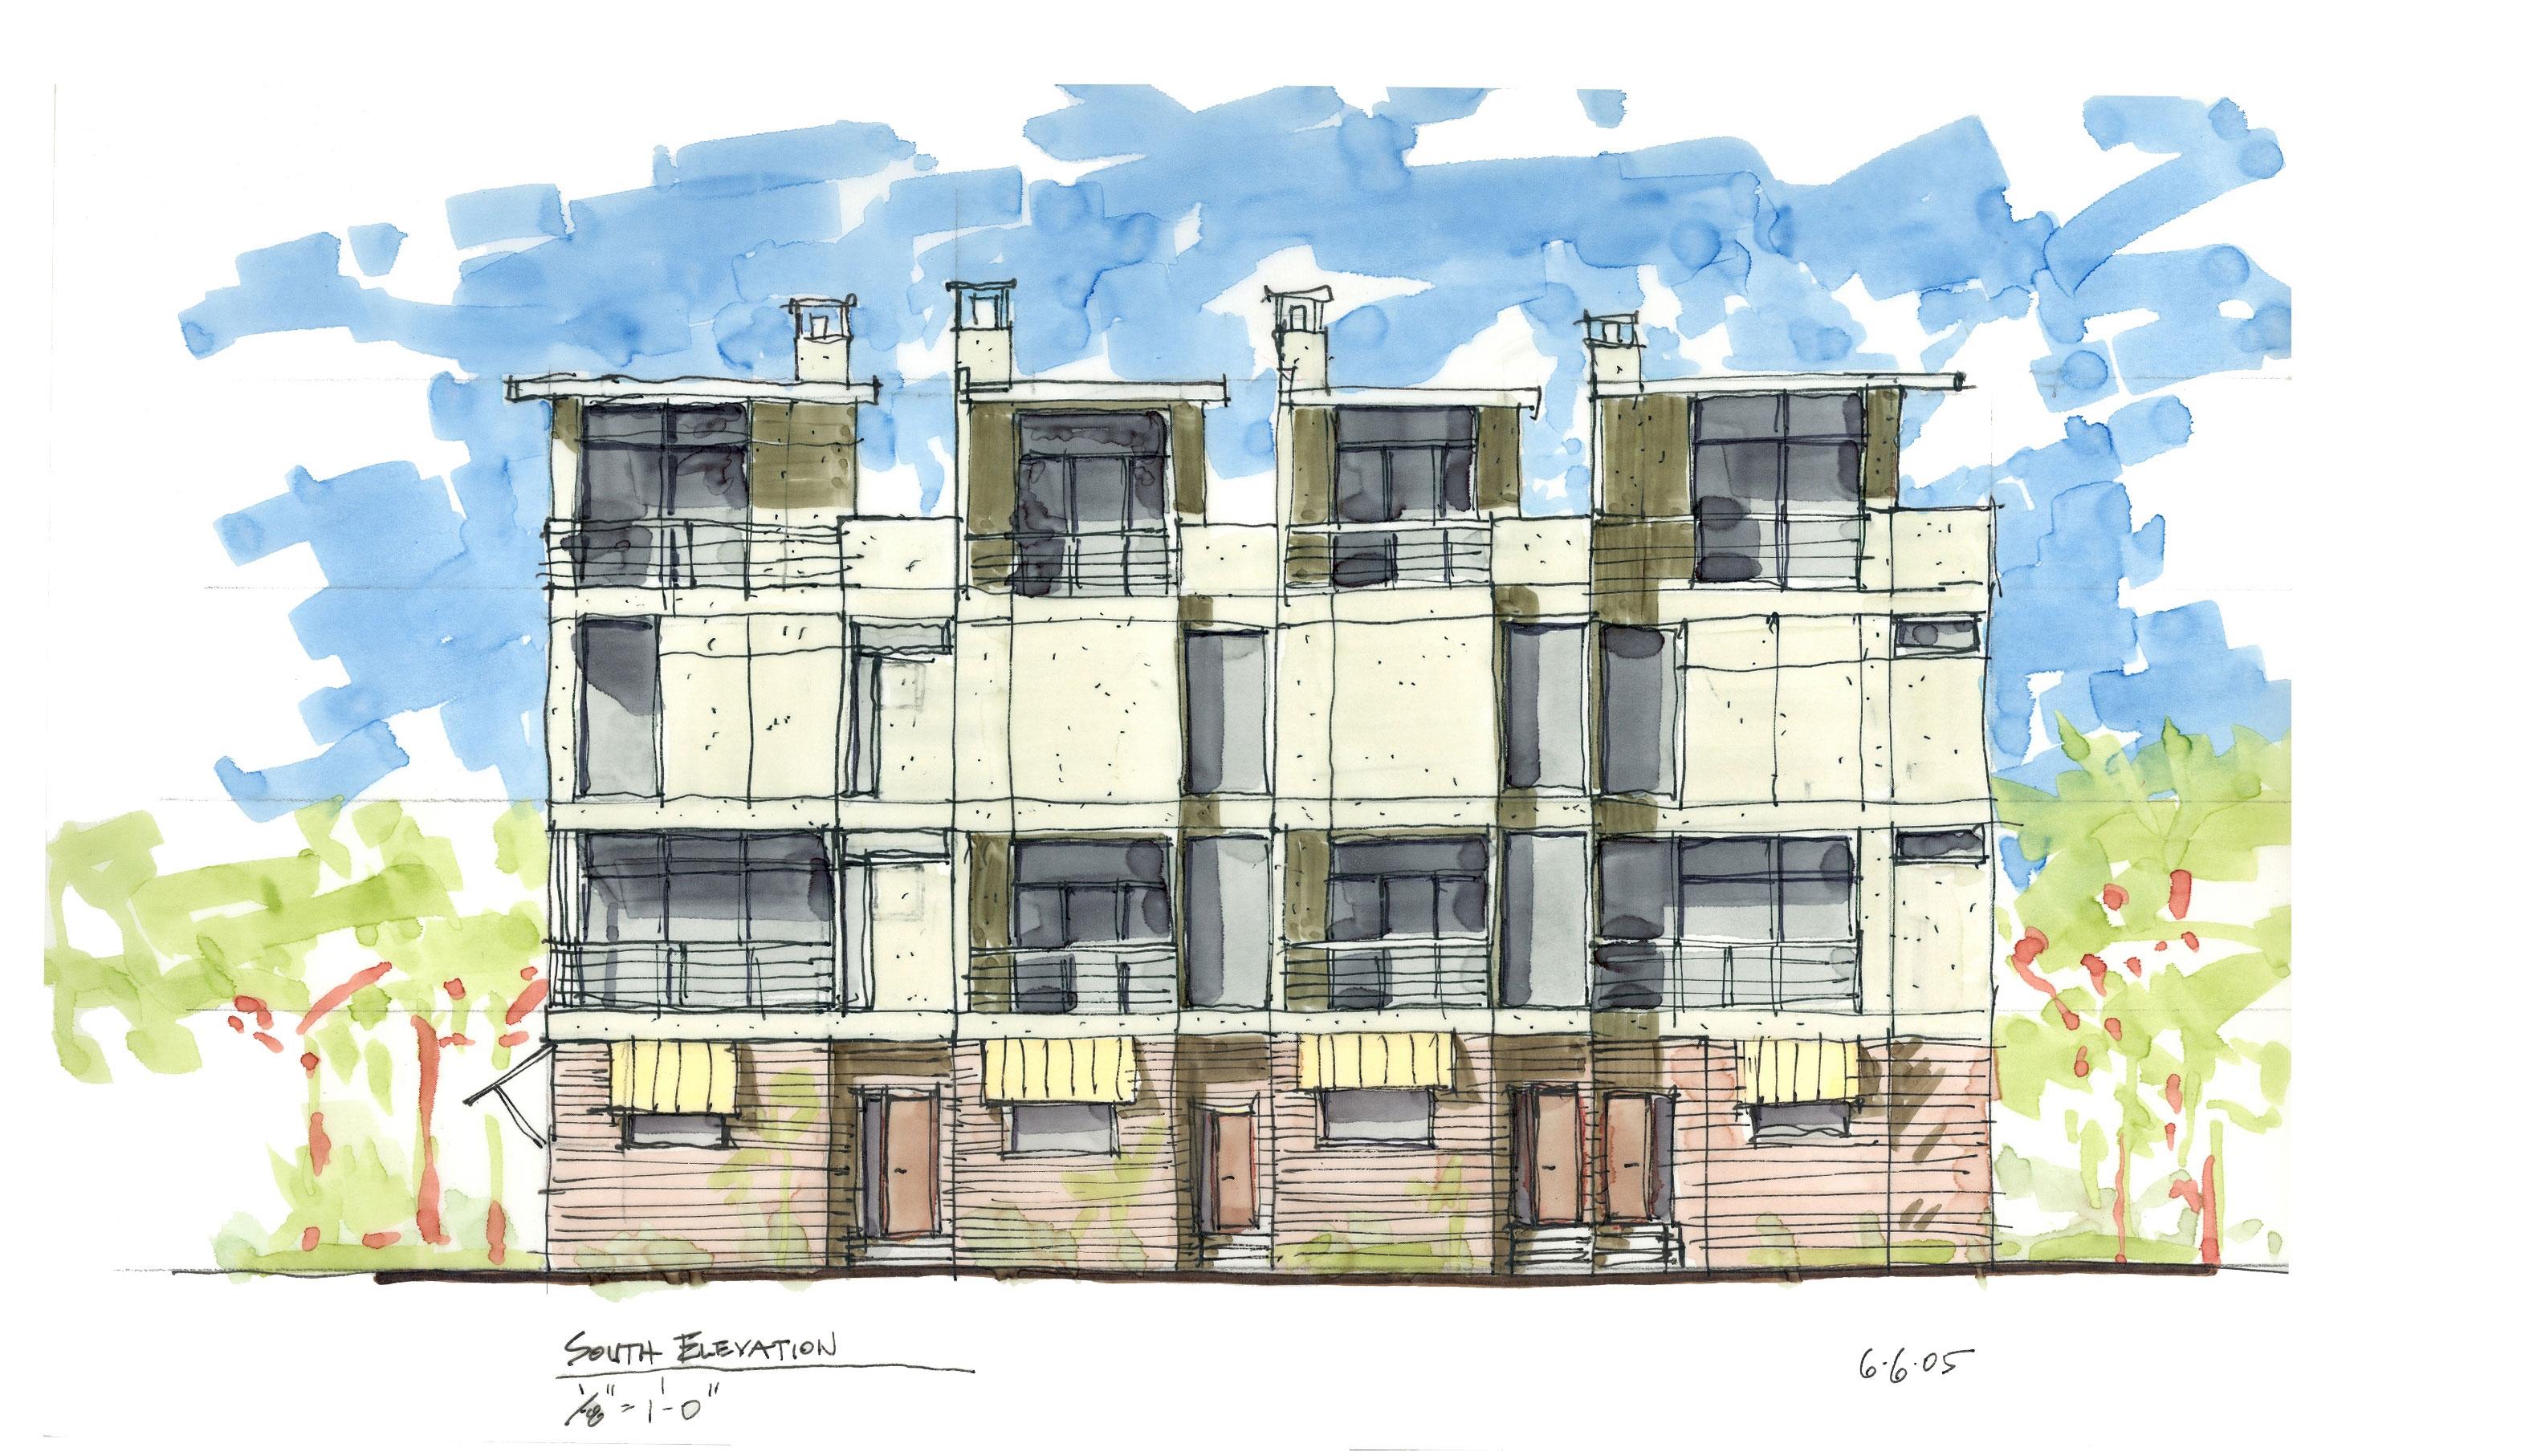 10---2005_0606-South-Elevation-conceptual-sketch-a